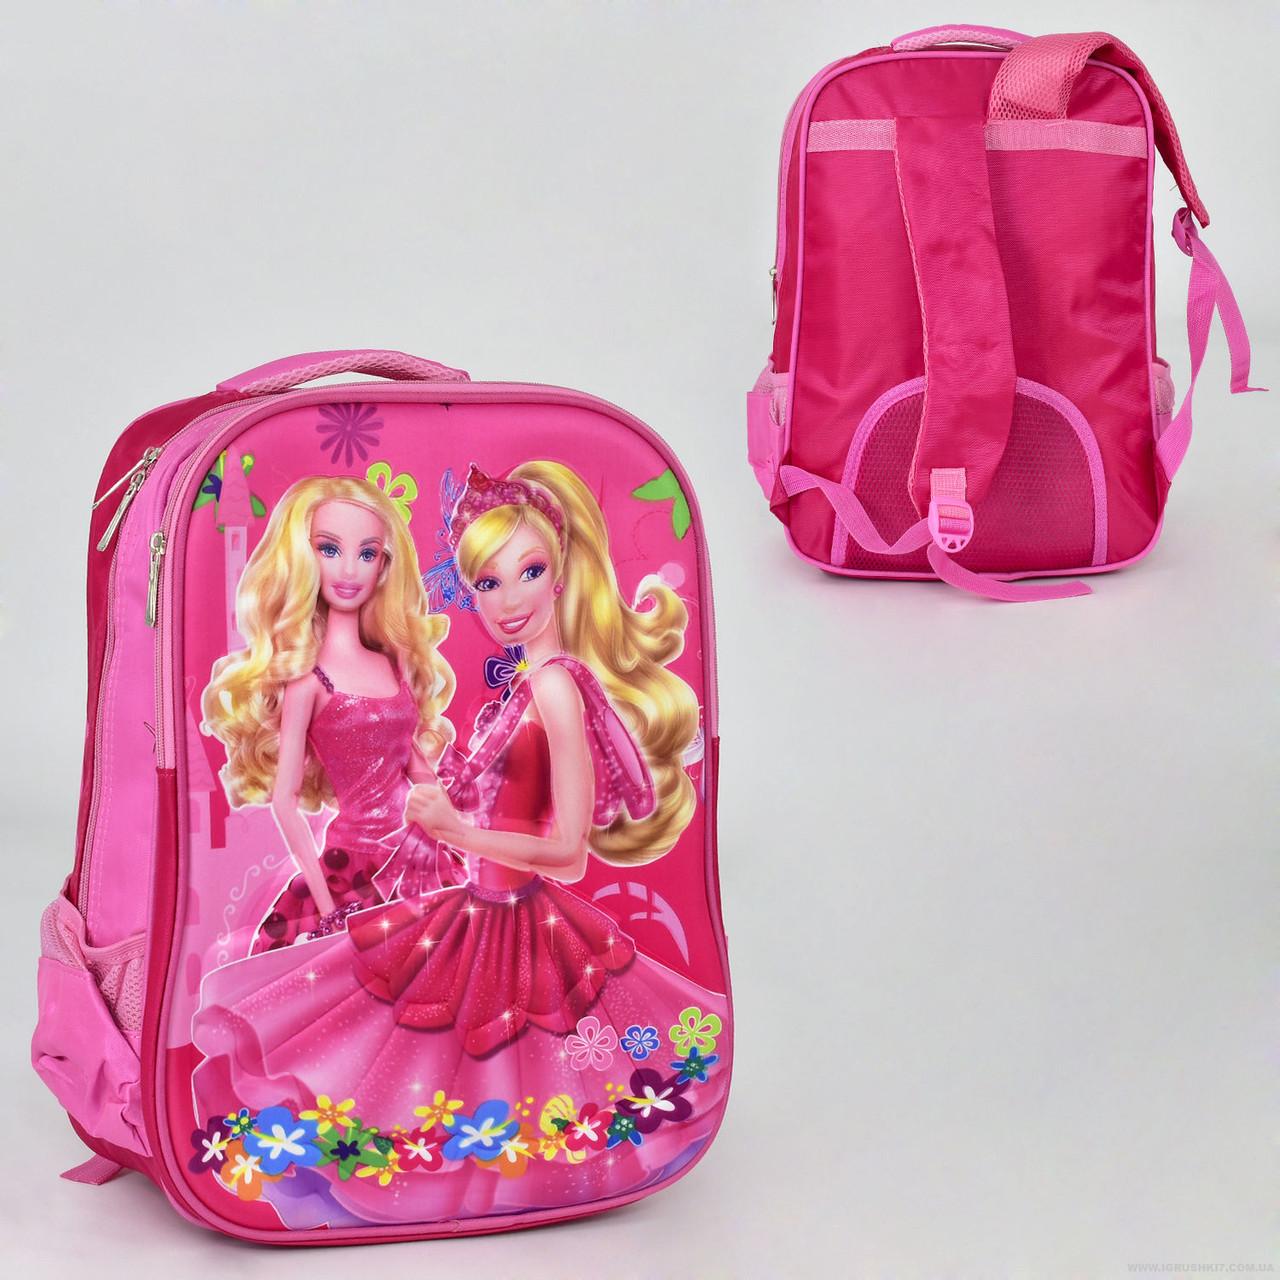 Рюкзак школьный 2 отделения, 2 кармана, мягкая спинка